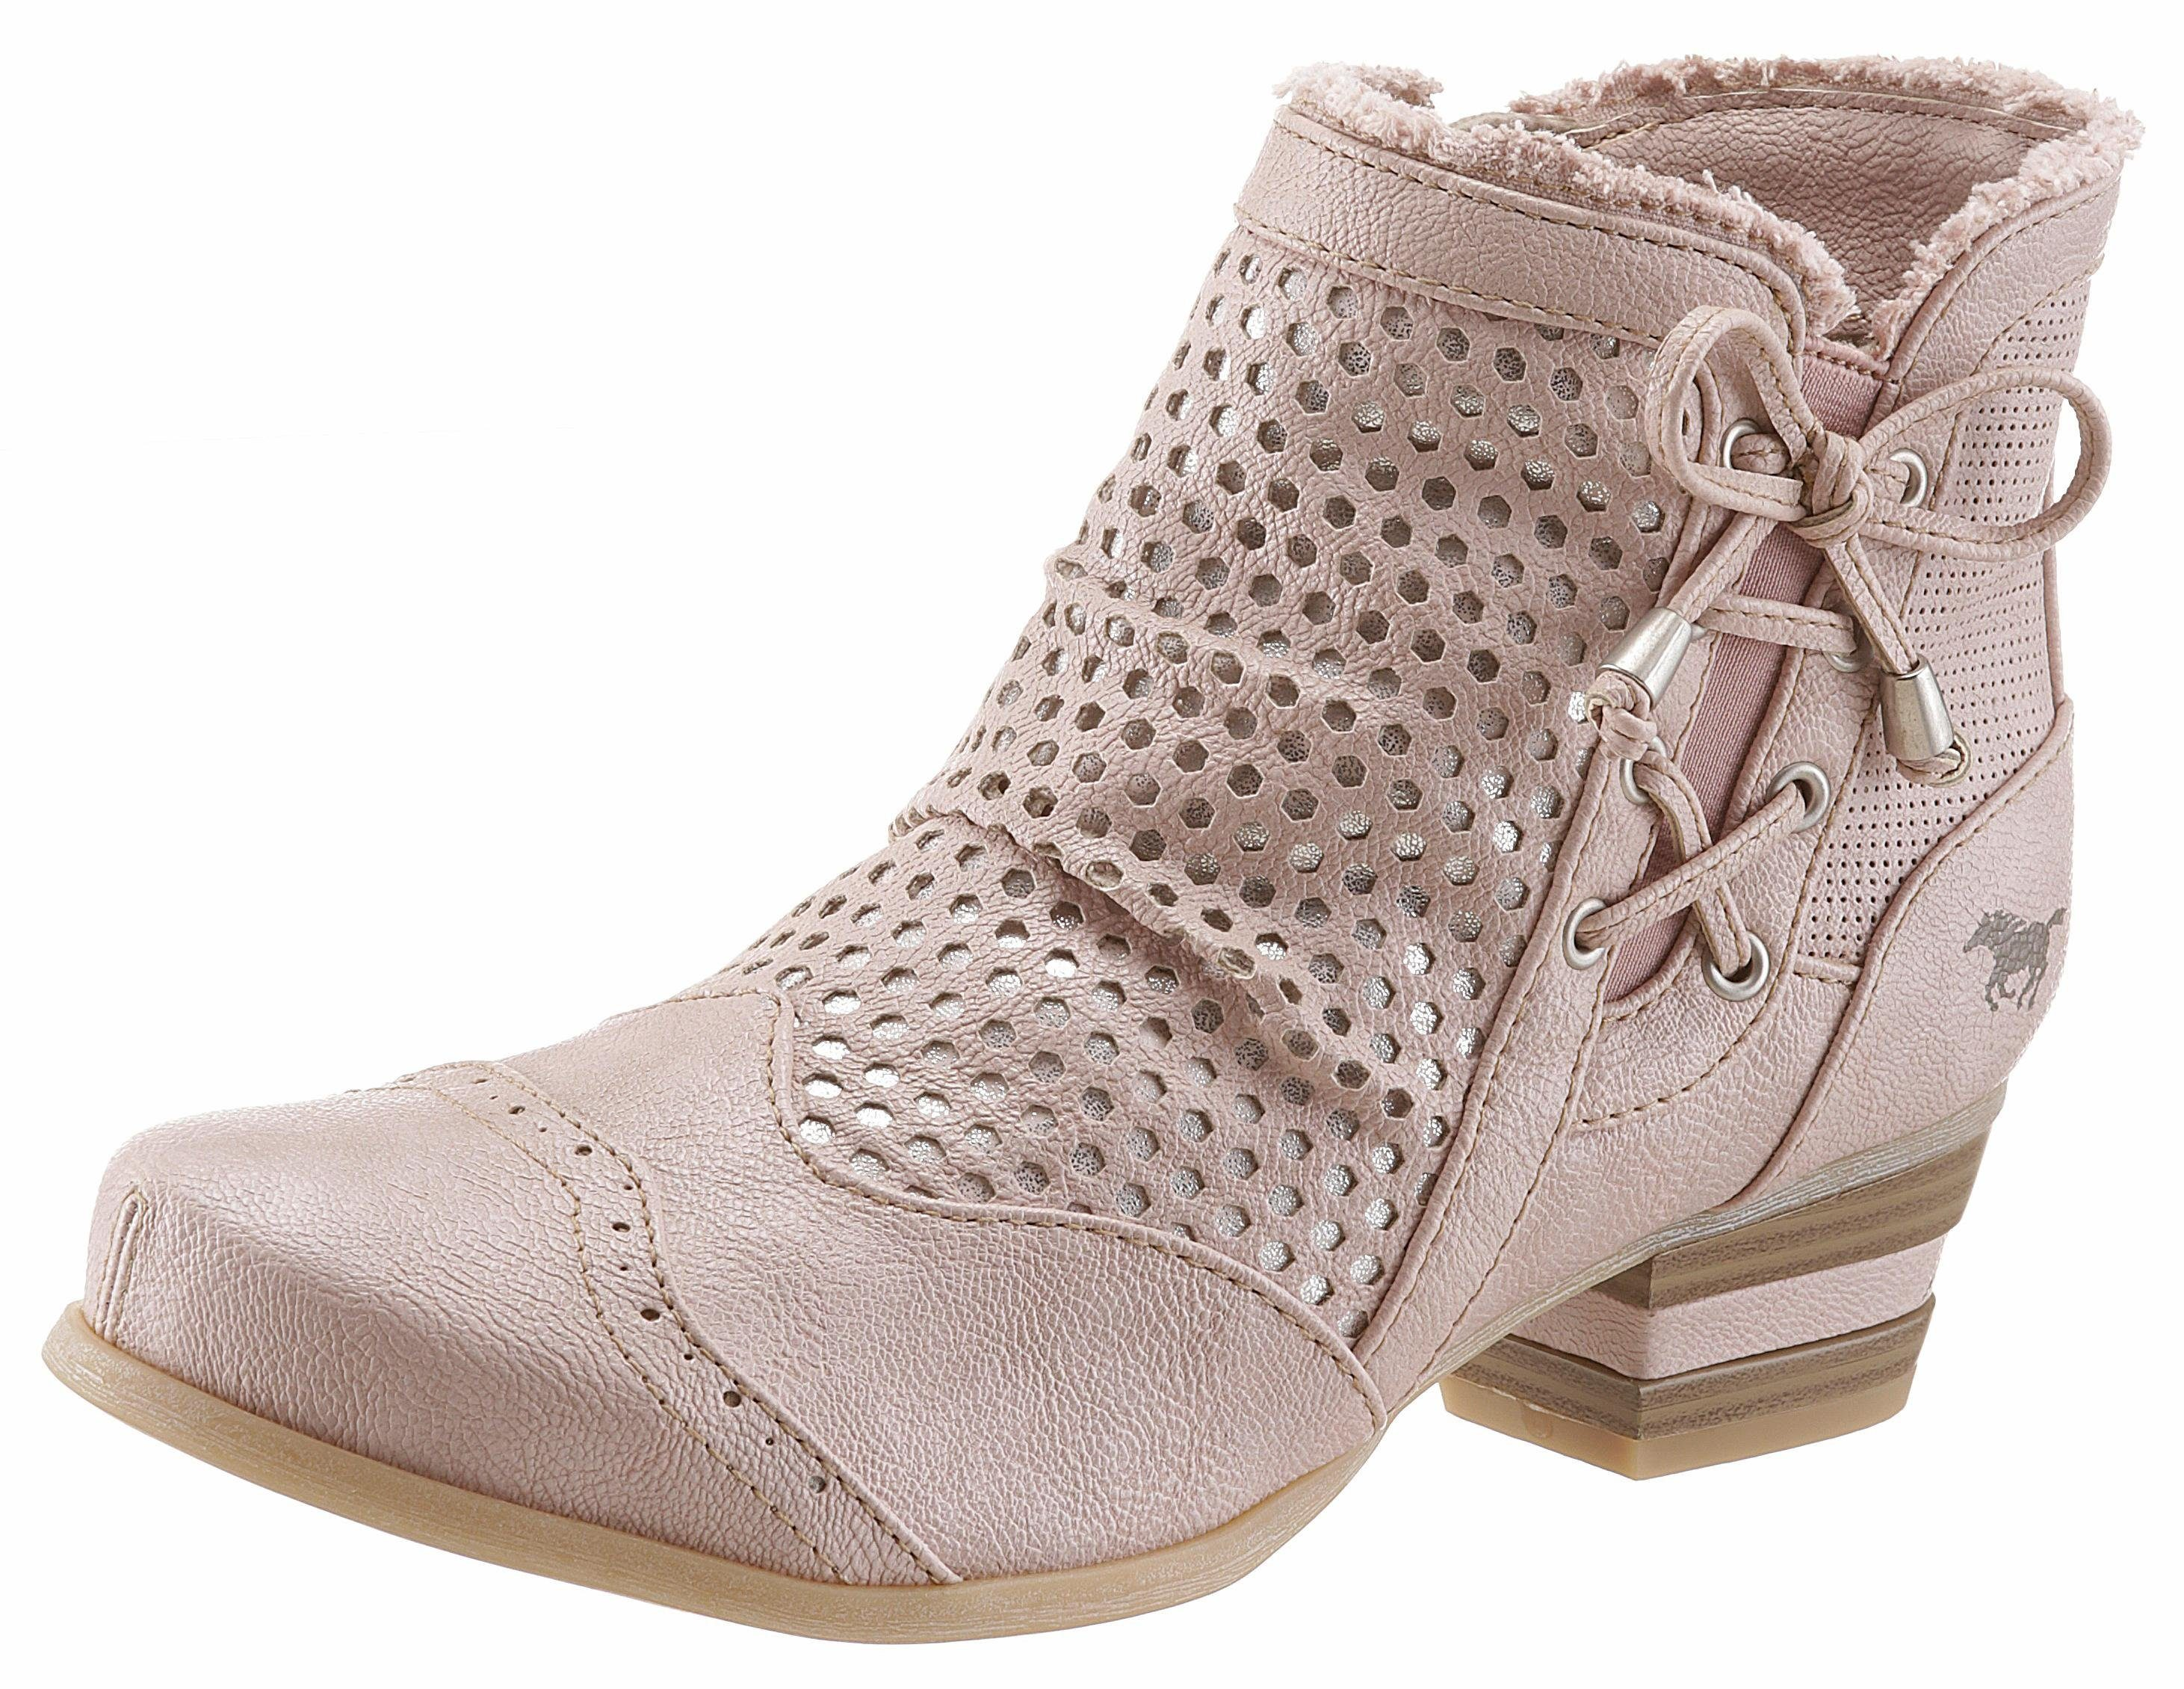 Mustang Shoes Stiefelette, mit Perforation und Zierschleife online kaufen  rosé